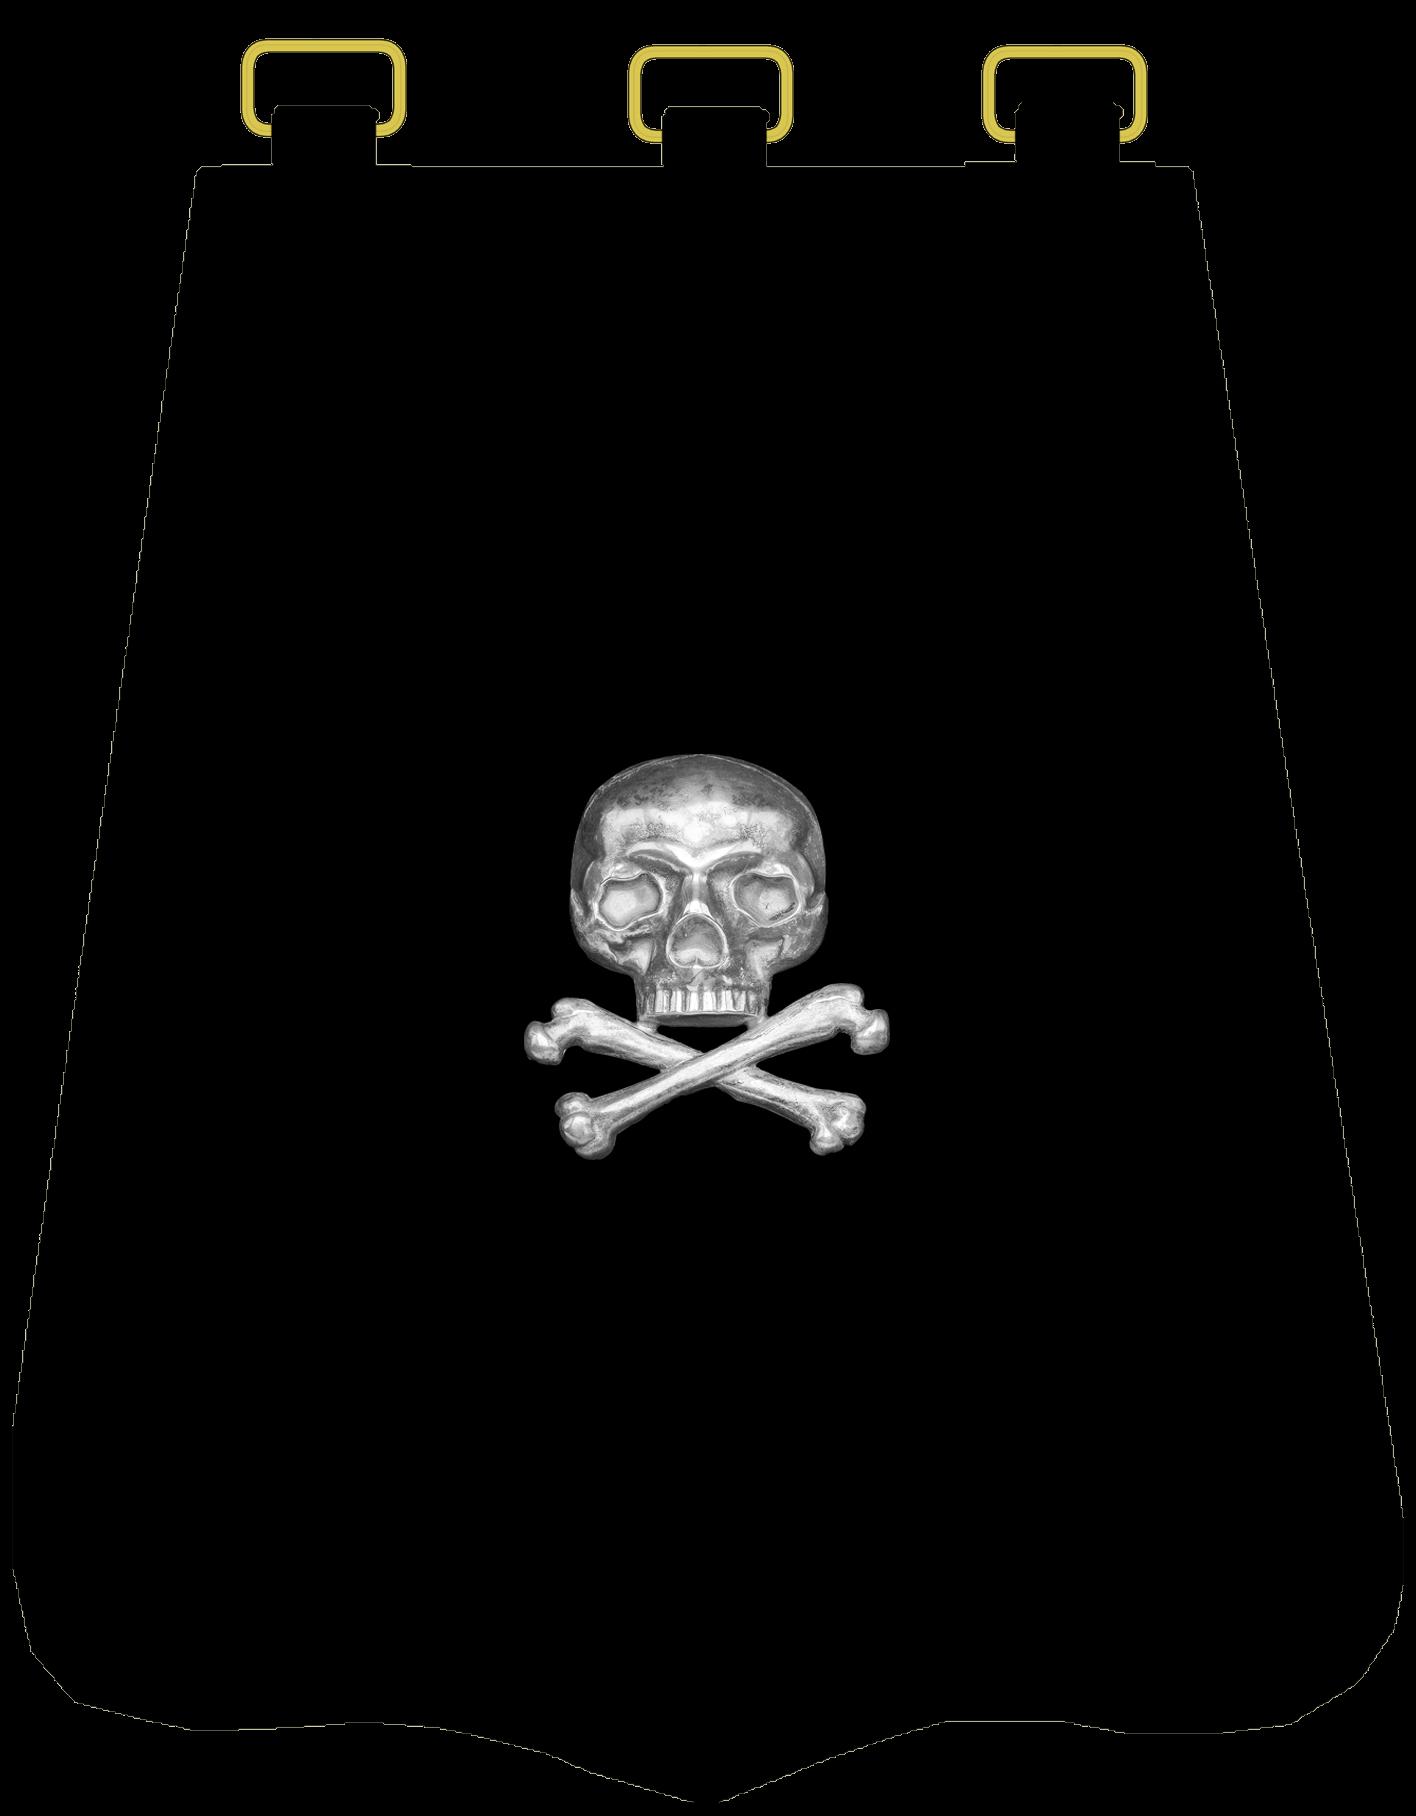 Ташка офицера 17 уланского полка.